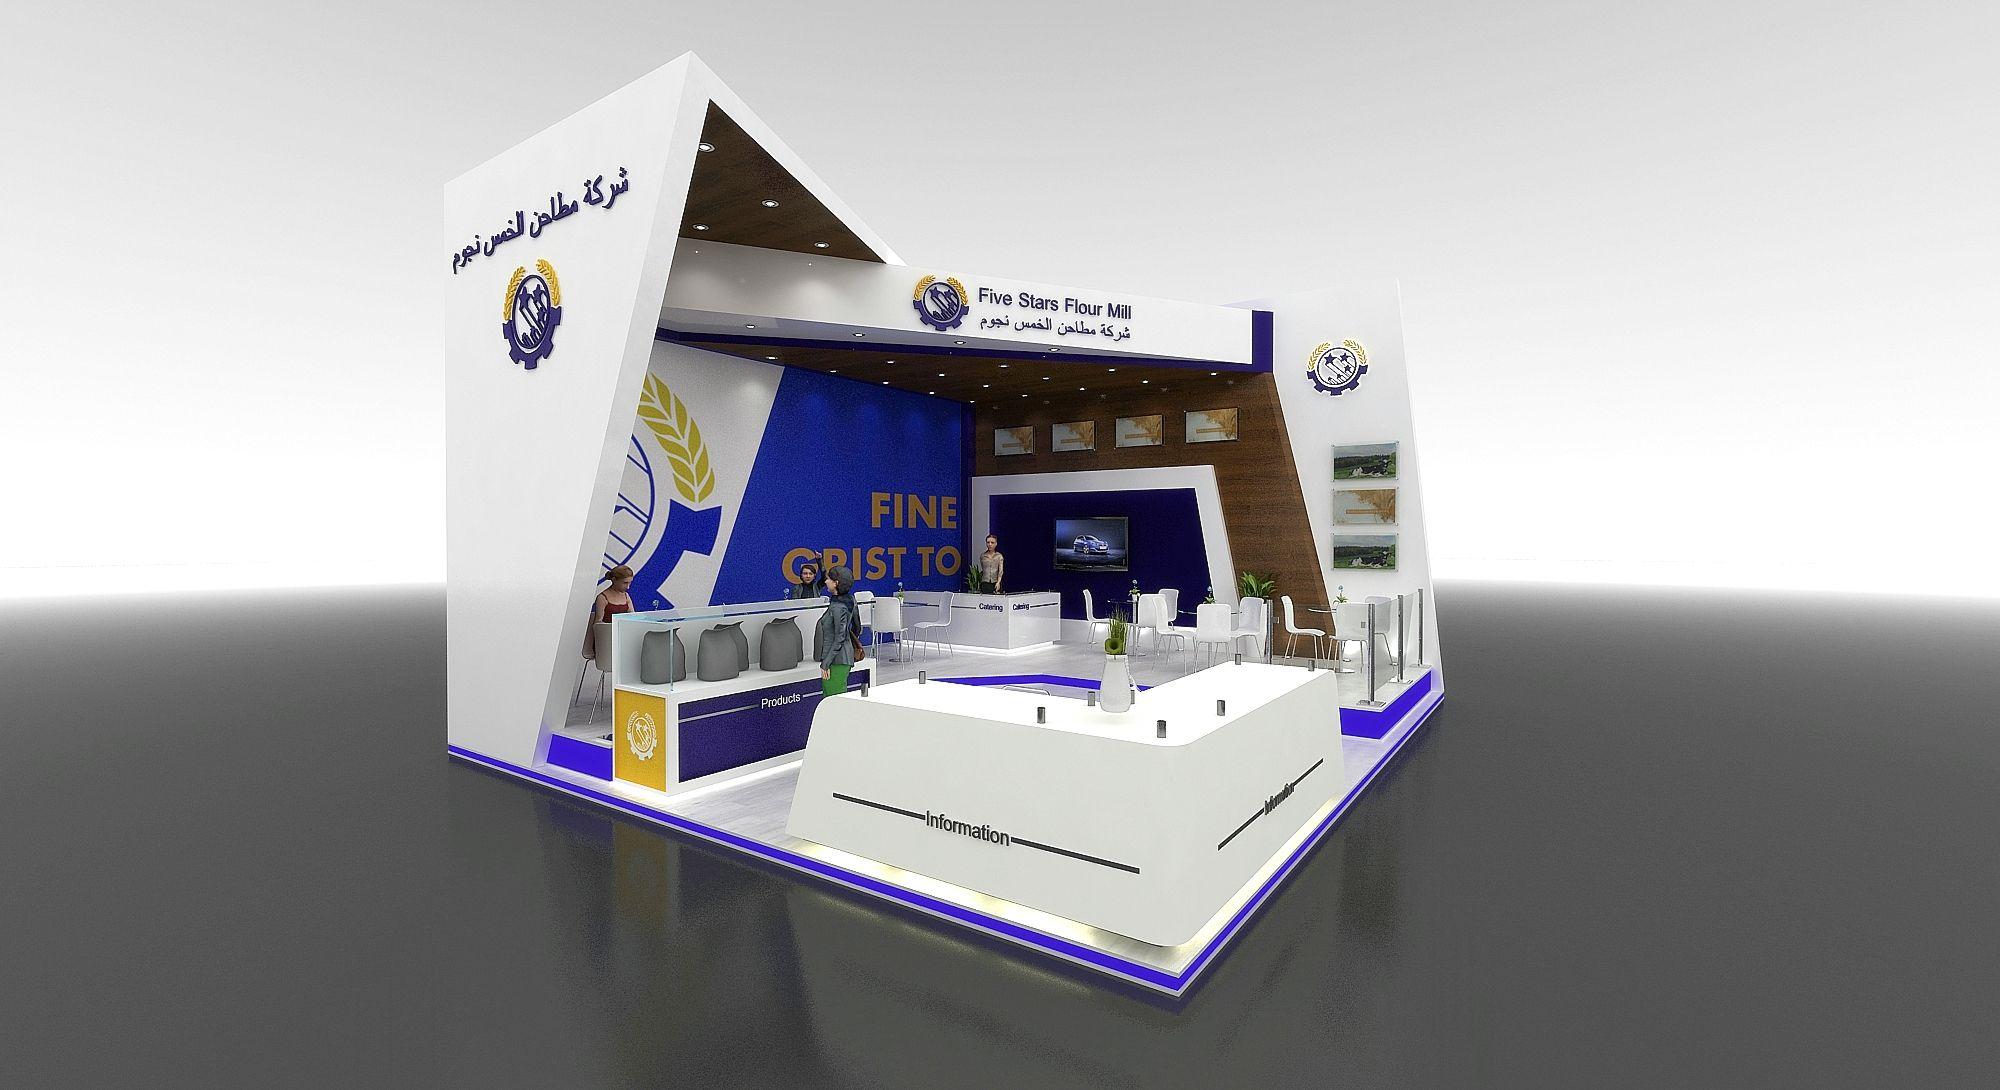 5 star flour mill: 5 Star mills pvt Ltd.